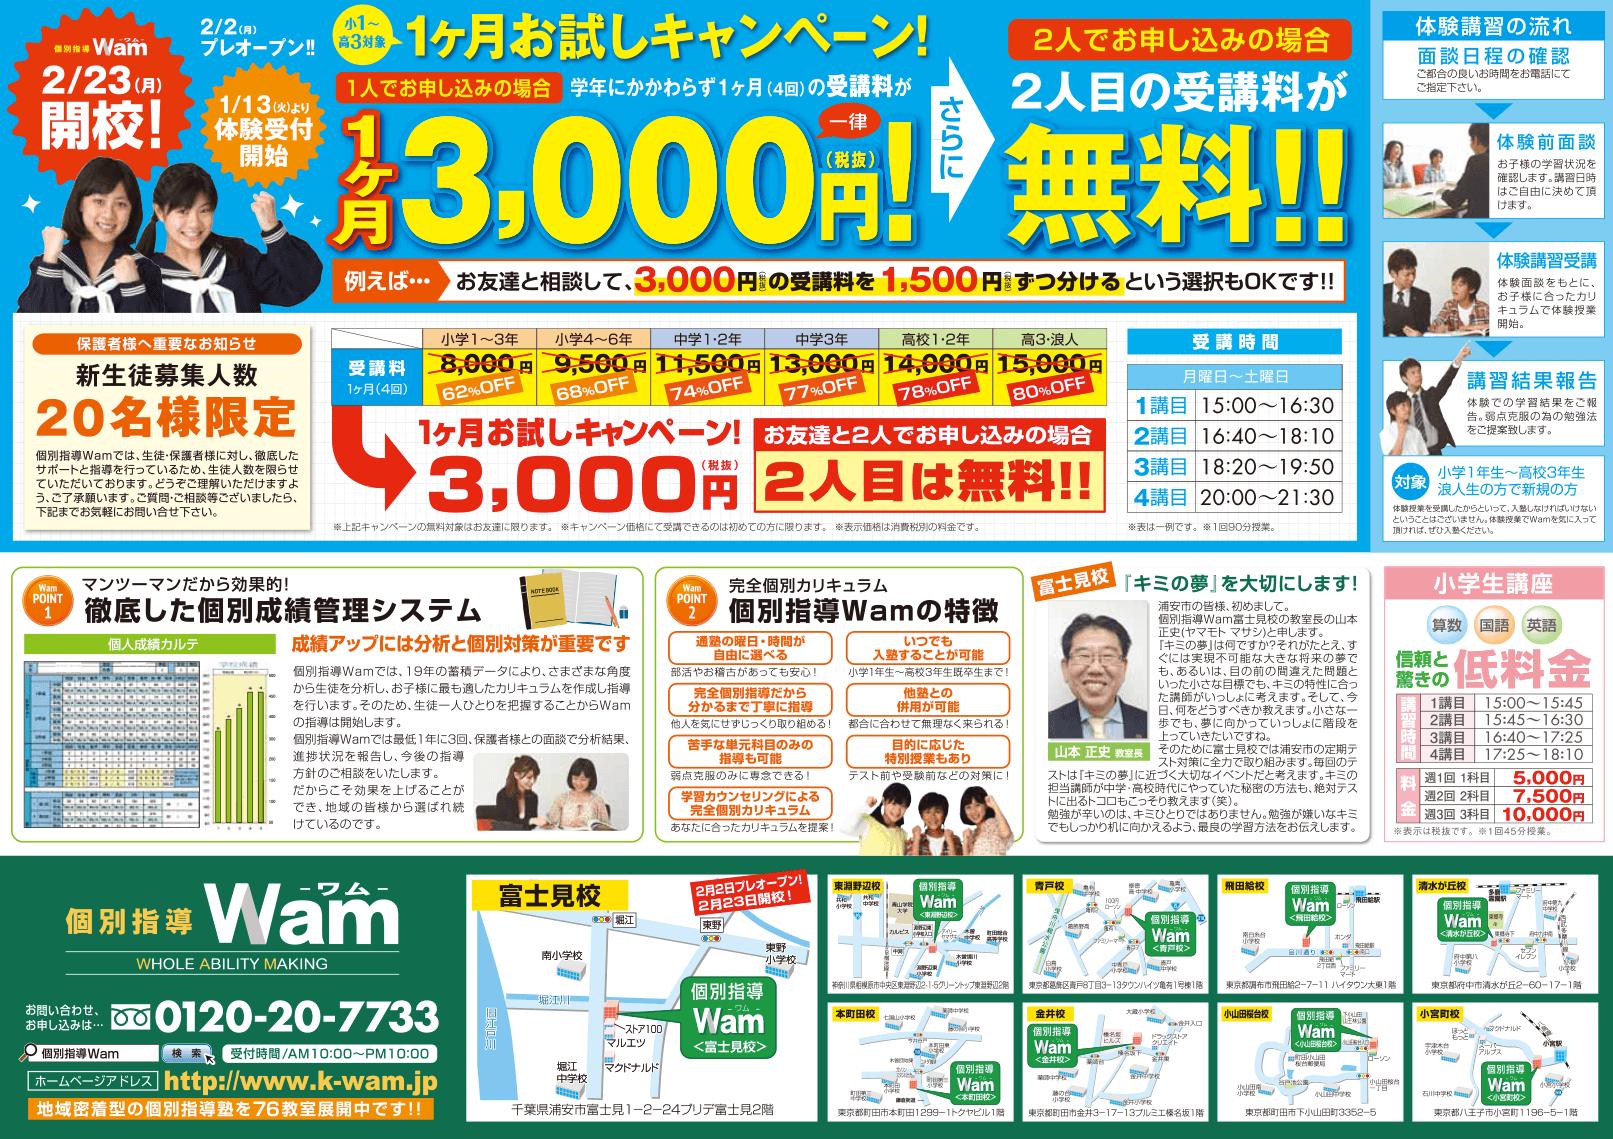 富士見校 2015年2月2日(月)プレオープン・ウラ面